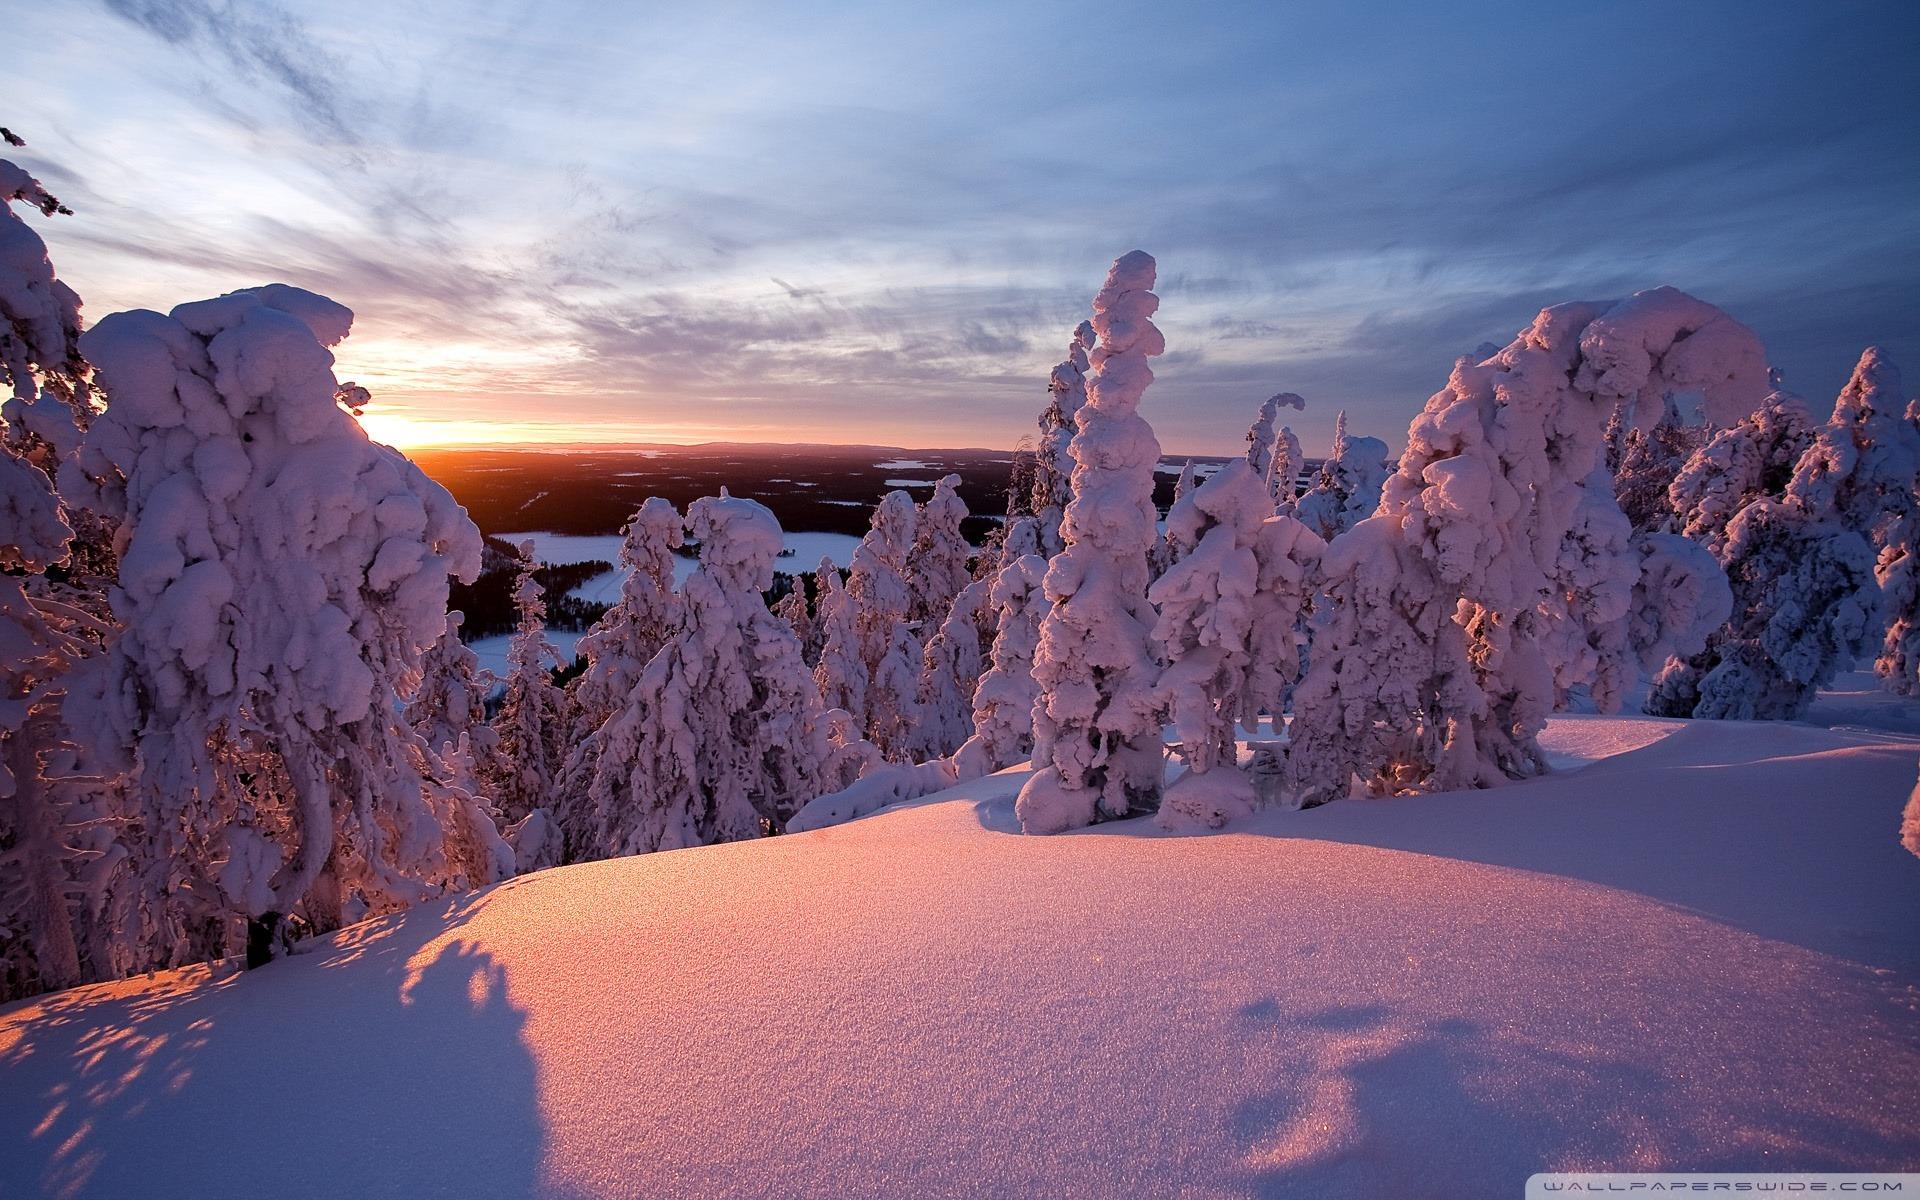 冬のラップランド フィンランド デスクトップの壁紙の冬景色 綺麗な